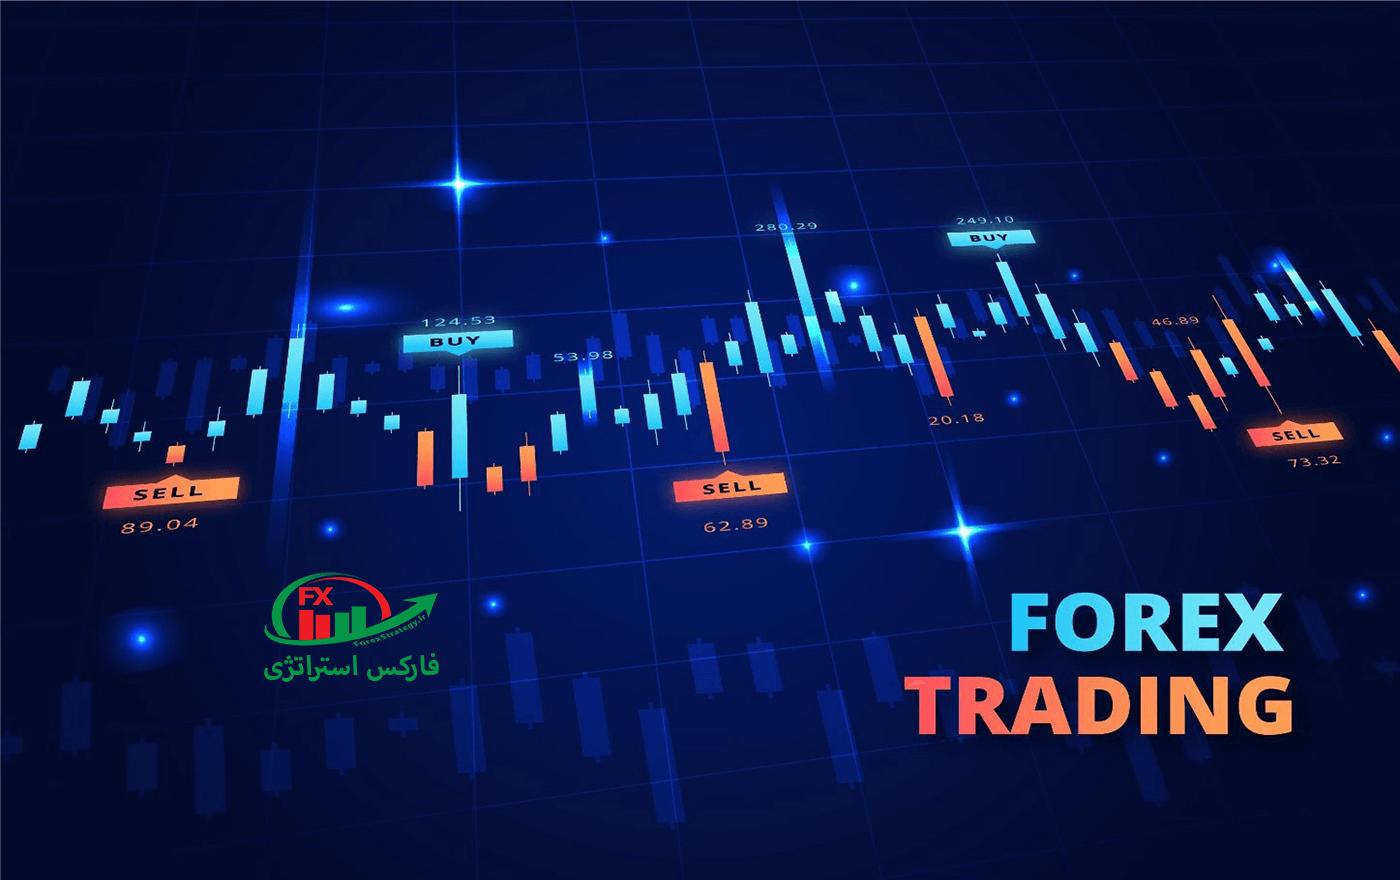 بازار فارکس